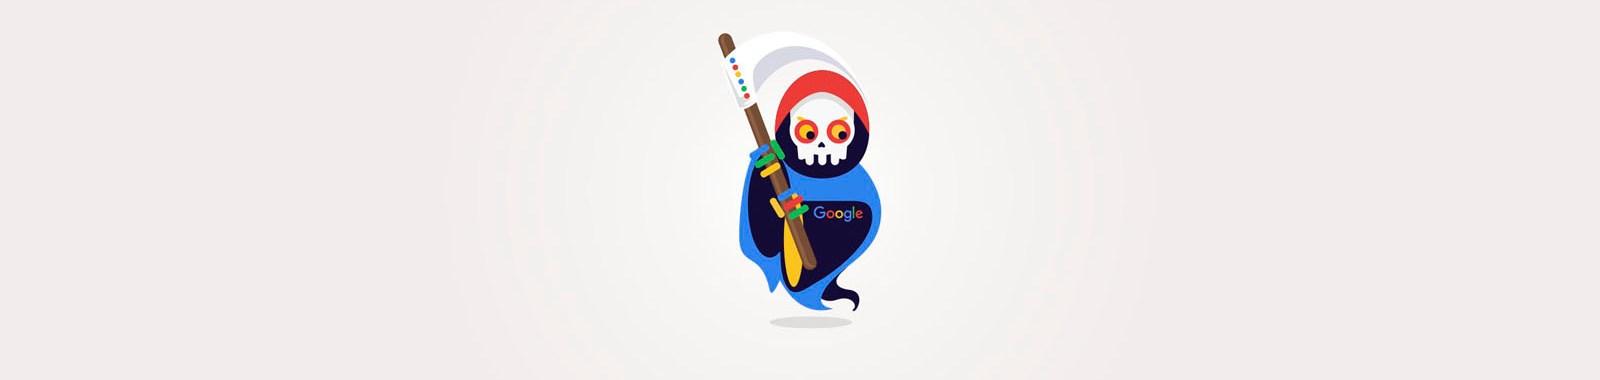 google_reaper-eye